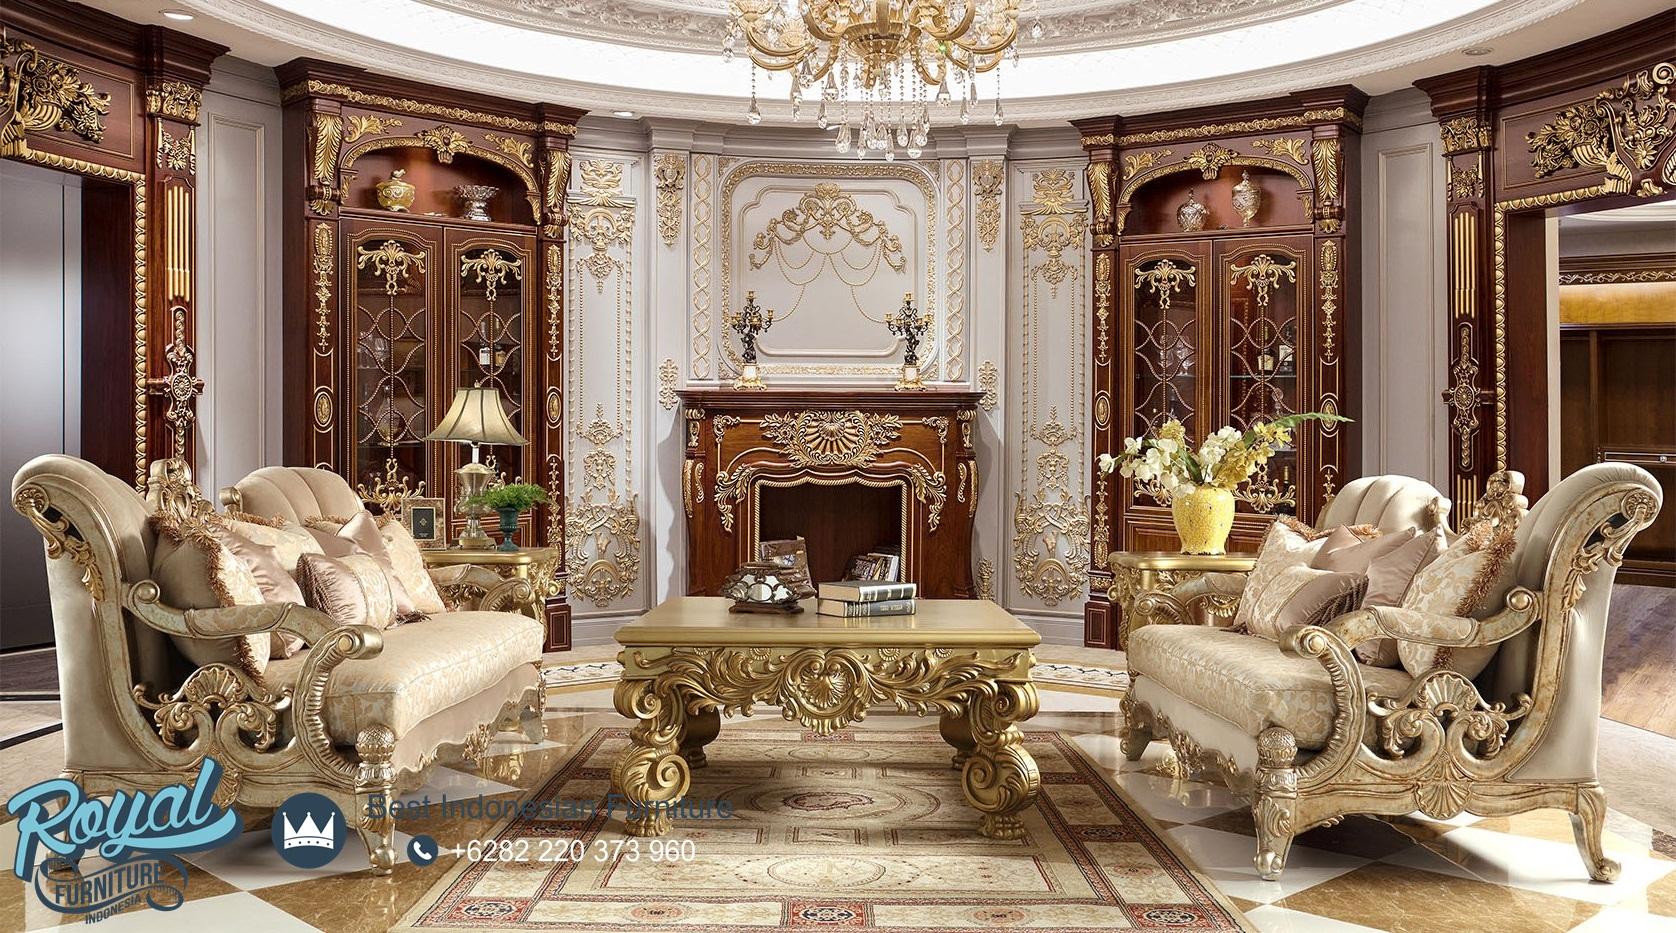 Set Sofa Tamu Mewah Klasik Gold Living Ukiran Jepara Terbaru, sofa ruang tamu mewah modern, sofa tamu minimalis, sofa tamu mewah terbaru, sofa mewah minimalis, harga sofa ruang tamu mewah, sofa mewah modern, kursi tamu mewah kualitas terbaik, sofa mewah minimalis terbaru, set sofa tamu mewah, set sofa tamu klasik, sofa tamu classic eropa, kursi tamu mewah terbaru, jual sofa tamu mewah kayu jati jepara, sofa ruang tamu gold duco, sofa tamu ukiran jepara, kursi tamu jati ukir klasik jepara, furniture store jepara, toko furniture jepara, model sofa tamu mewah klasik terbaru, sofa ruang tamu kecil, sofa ruang tamu mewah, model kursi tamu terbaru dan harganya, royal furniture jepara